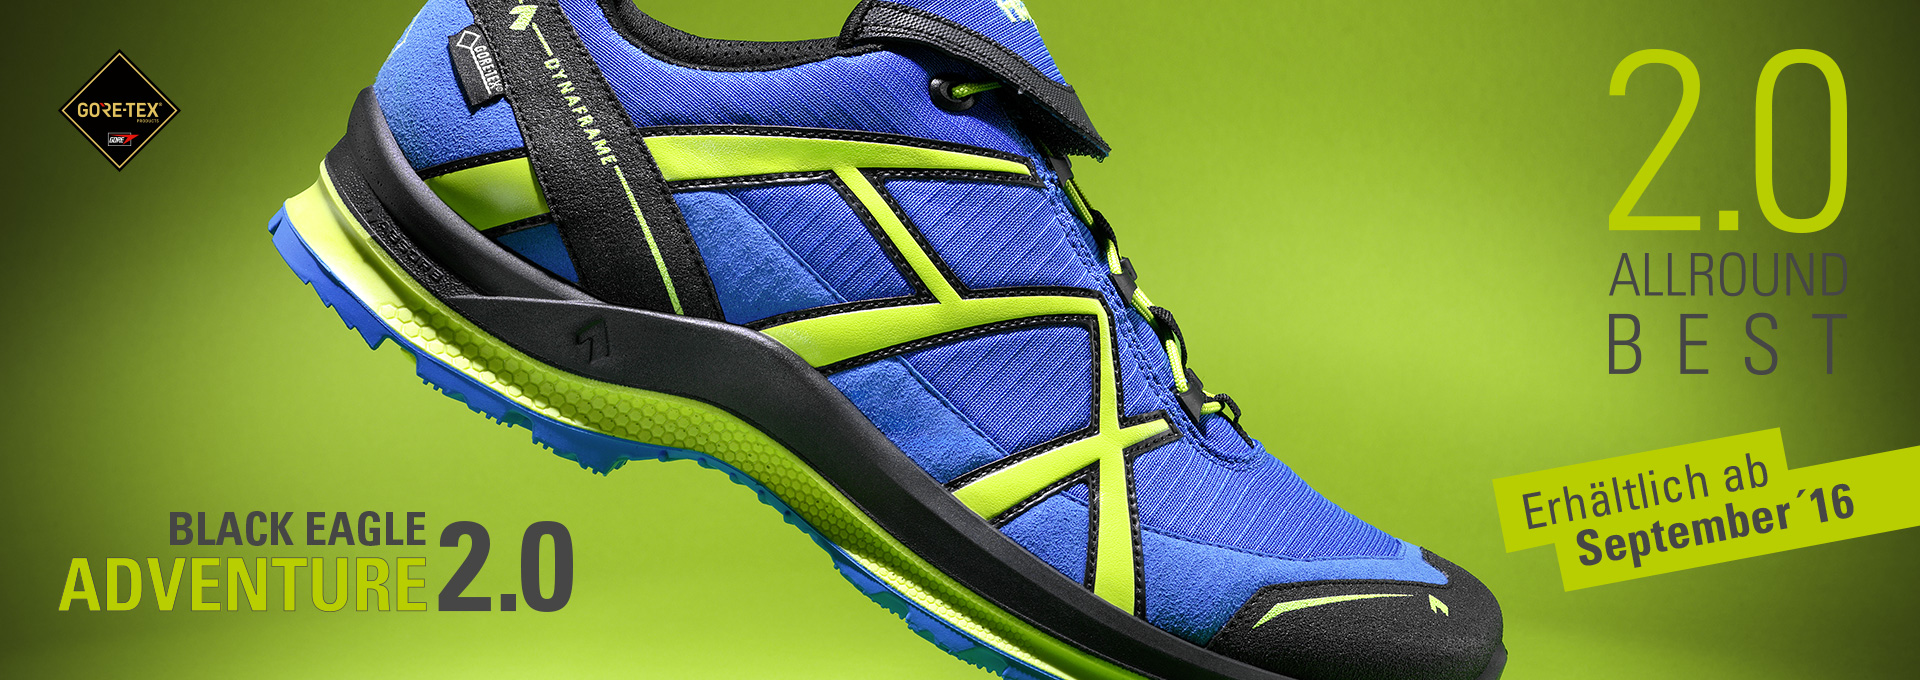 HAIX® bringt Outdoor-Schuh mit neuer Sohlentechnologie auf den Markt